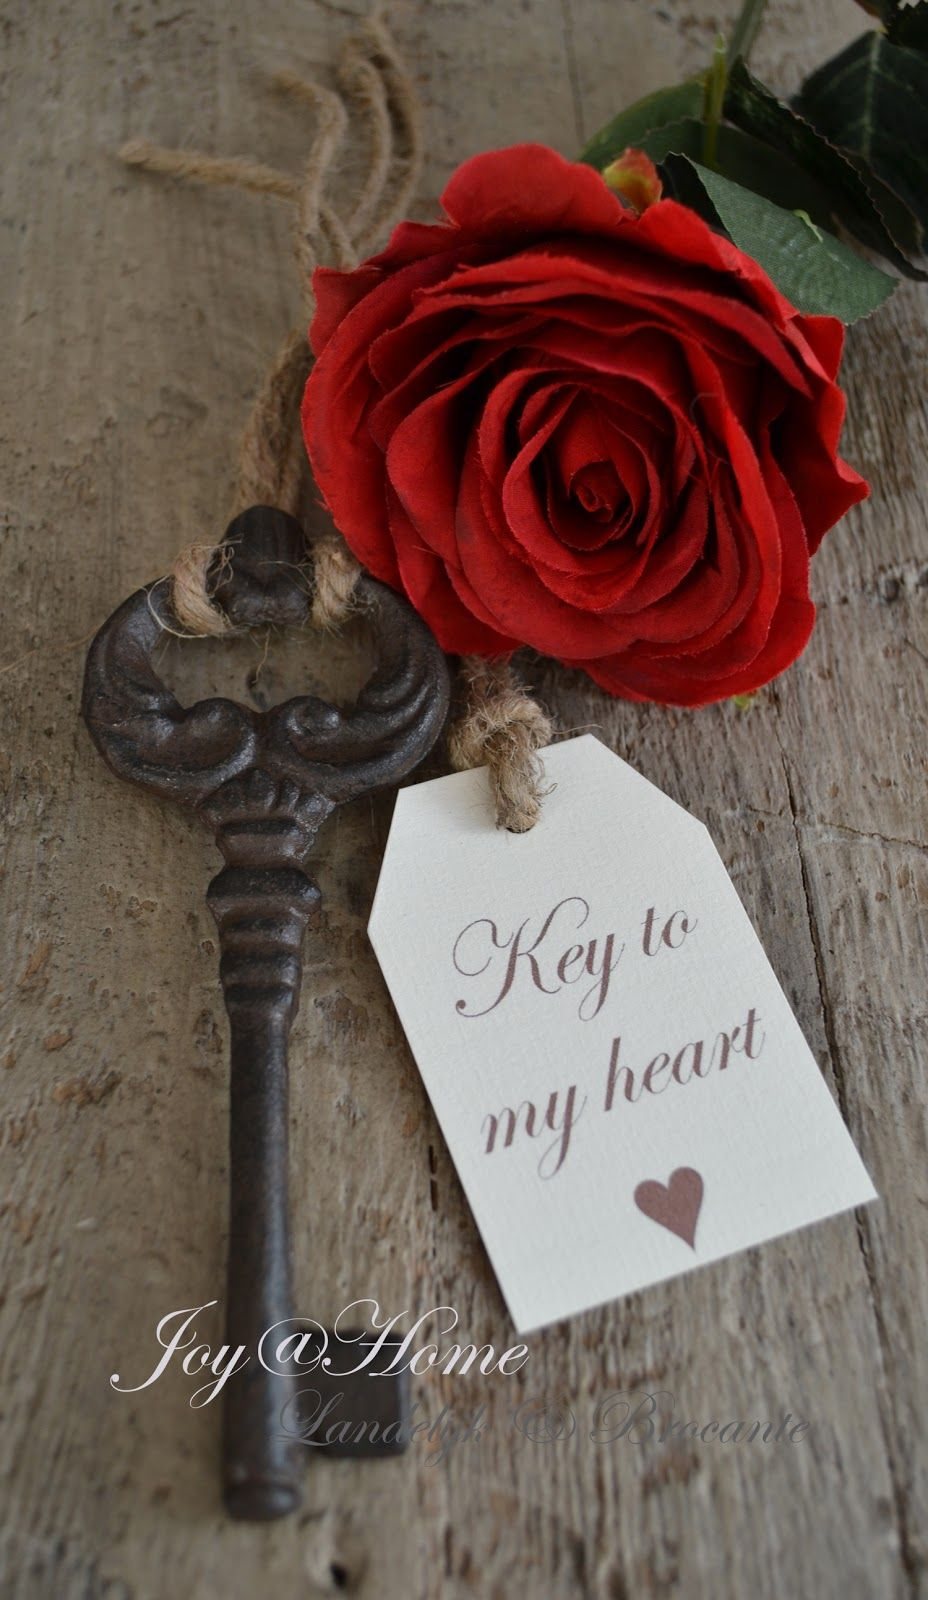 pin von andrea hofmann auf k e y s love it pinterest schl ssel rote rosen und rose. Black Bedroom Furniture Sets. Home Design Ideas